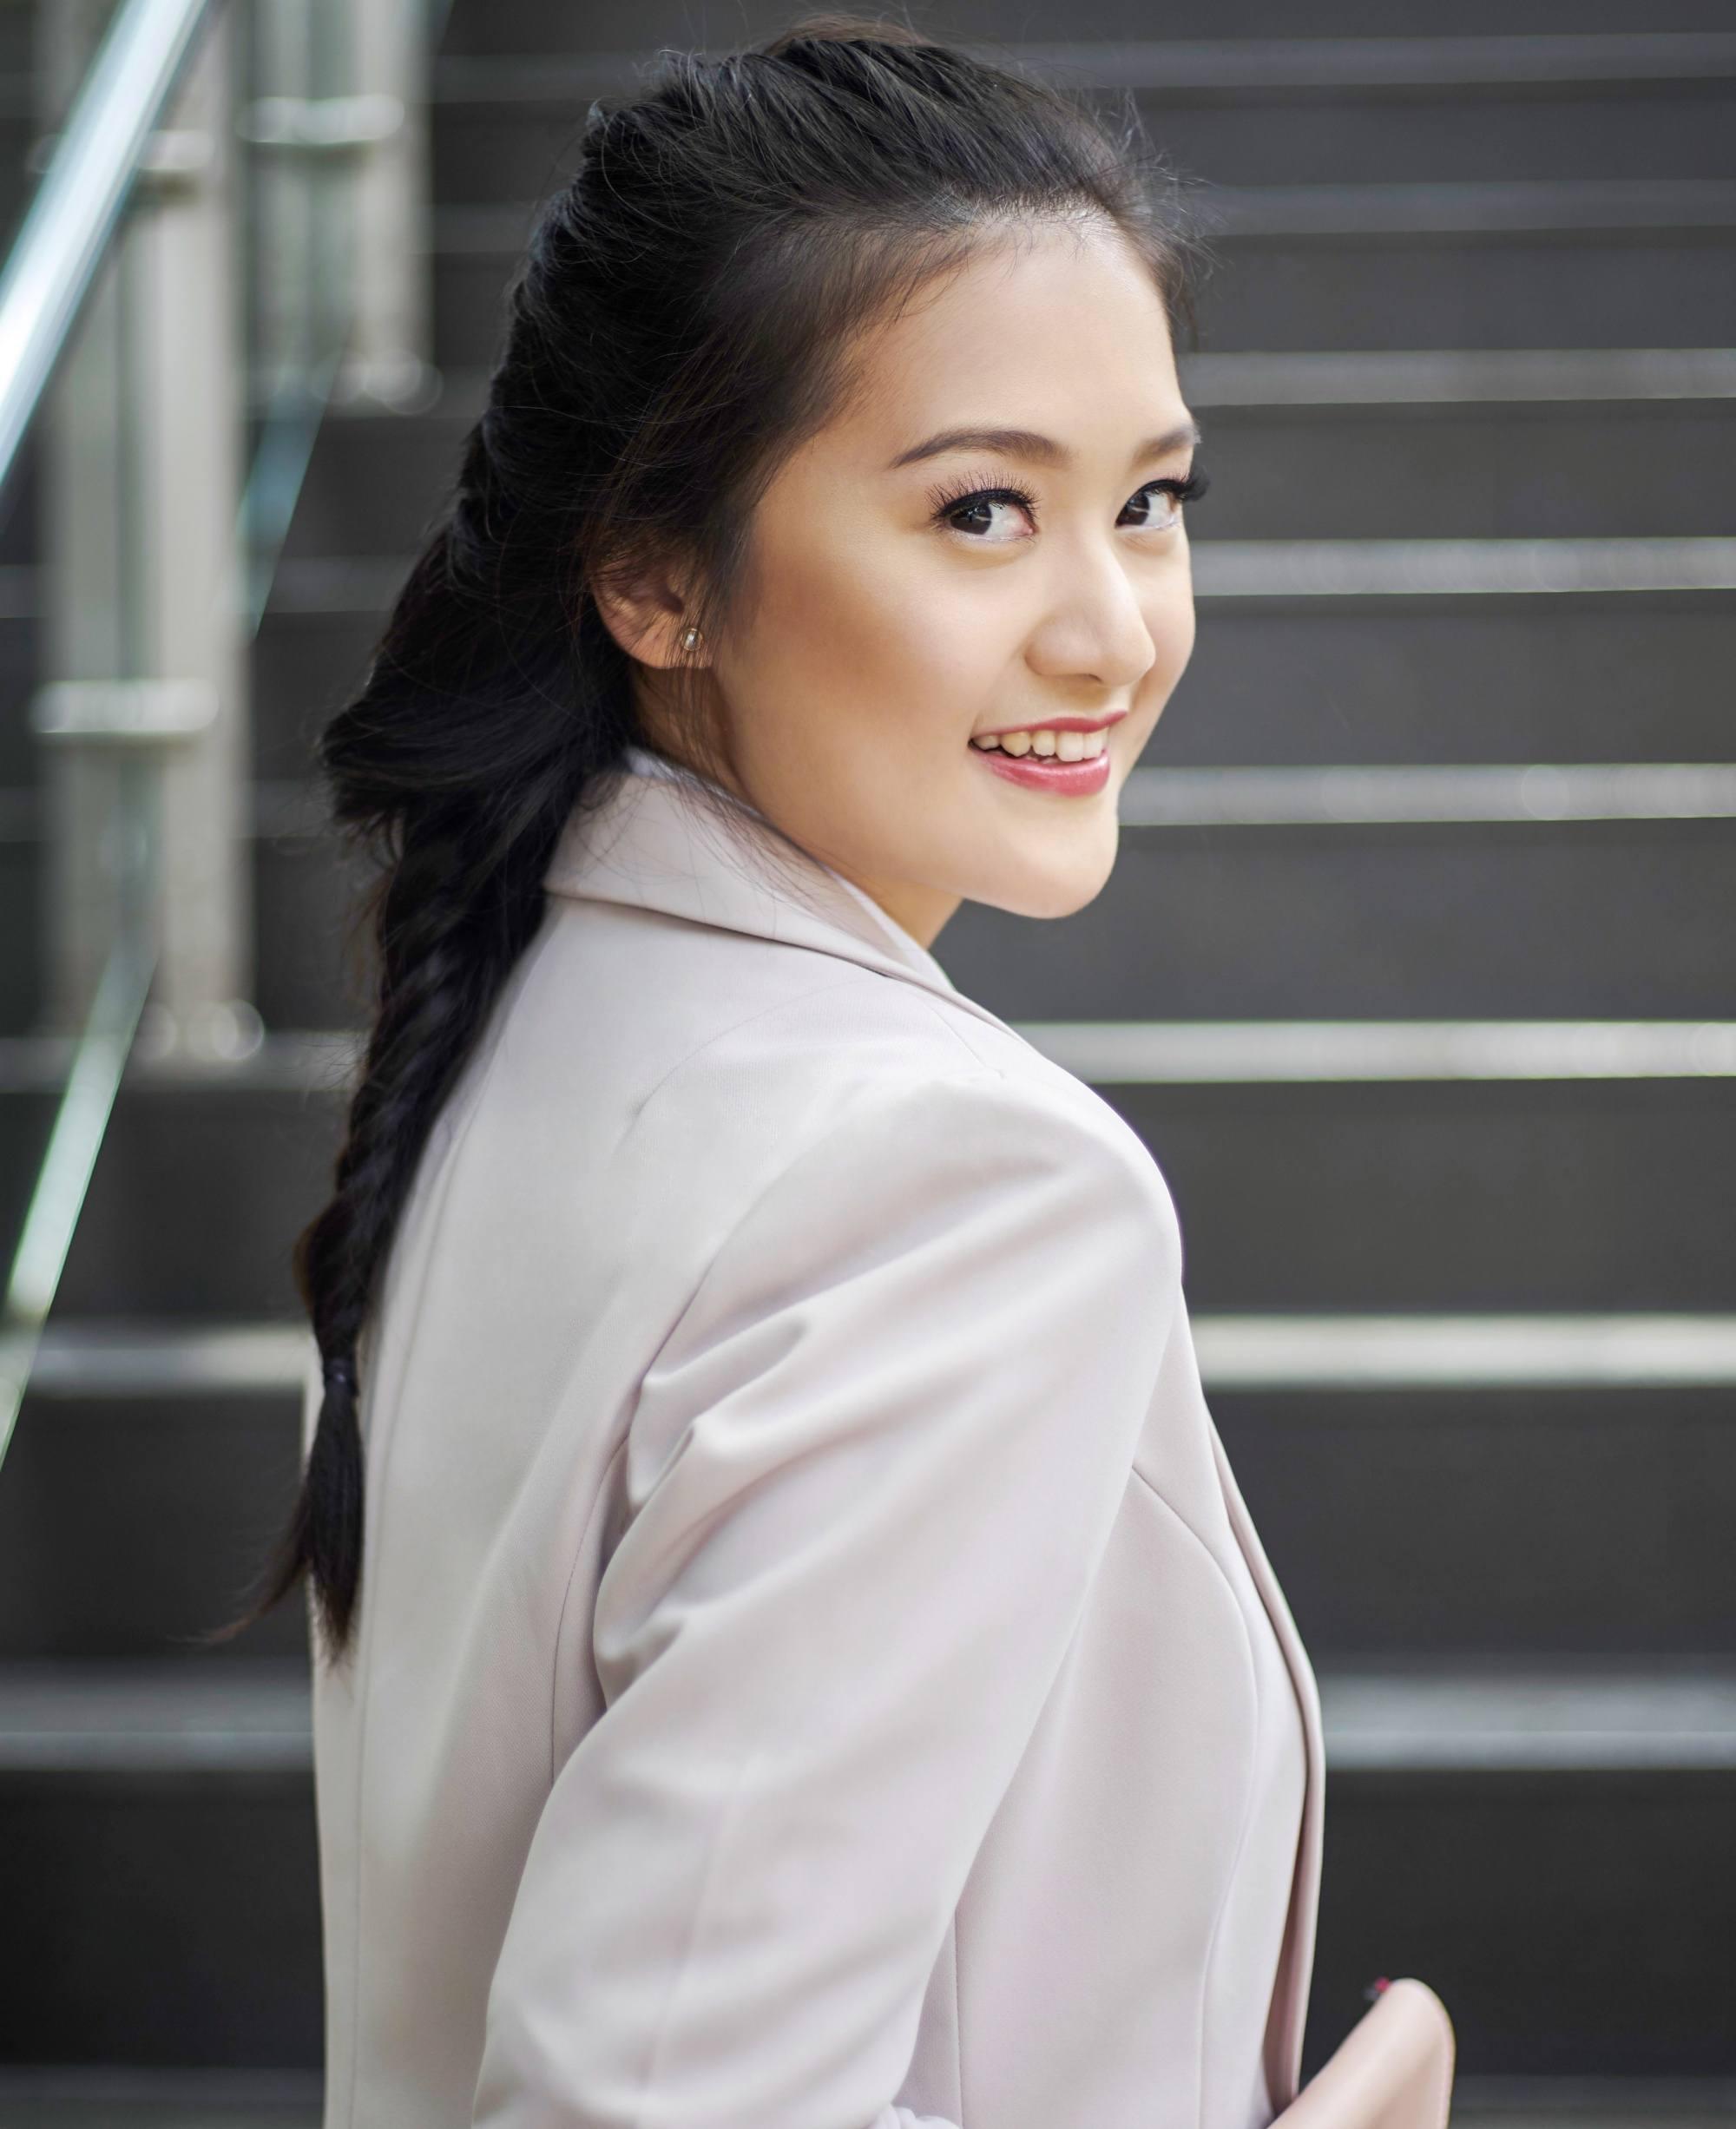 Summer braids: Asian woman with long black hair in a braid wearing a cream blazer